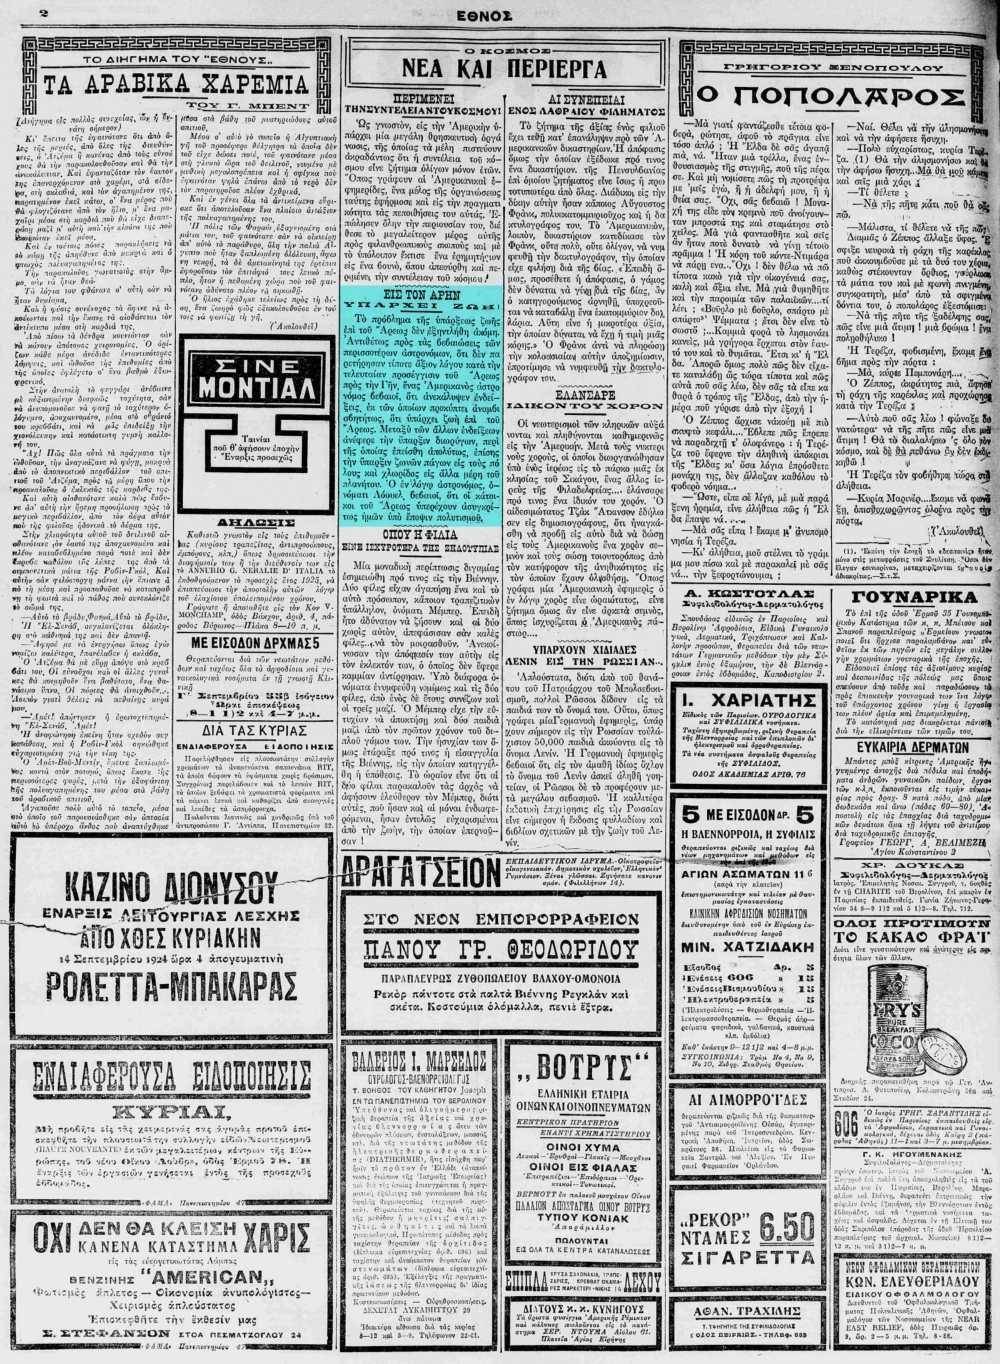 """Το άρθρο, όπως δημοσιεύθηκε στην εφημερίδα """"ΕΘΝΟΣ"""", στις 13/09/1924"""